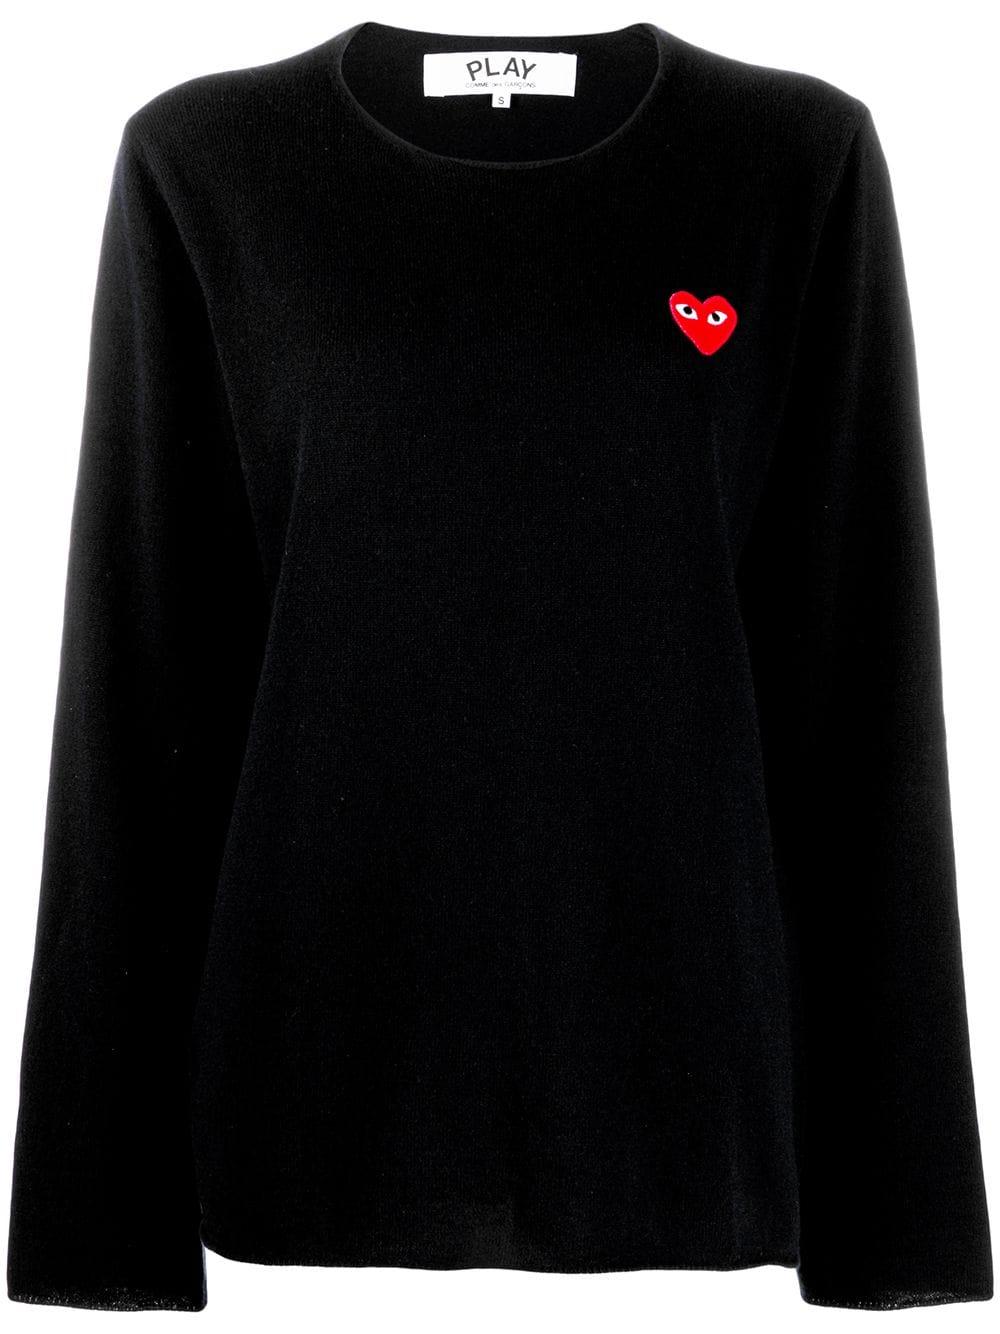 Comme Des Garçons Play Heart Motif Sweater In Black Modesens Sweaters Play Hearts Comme Des Garcons Play